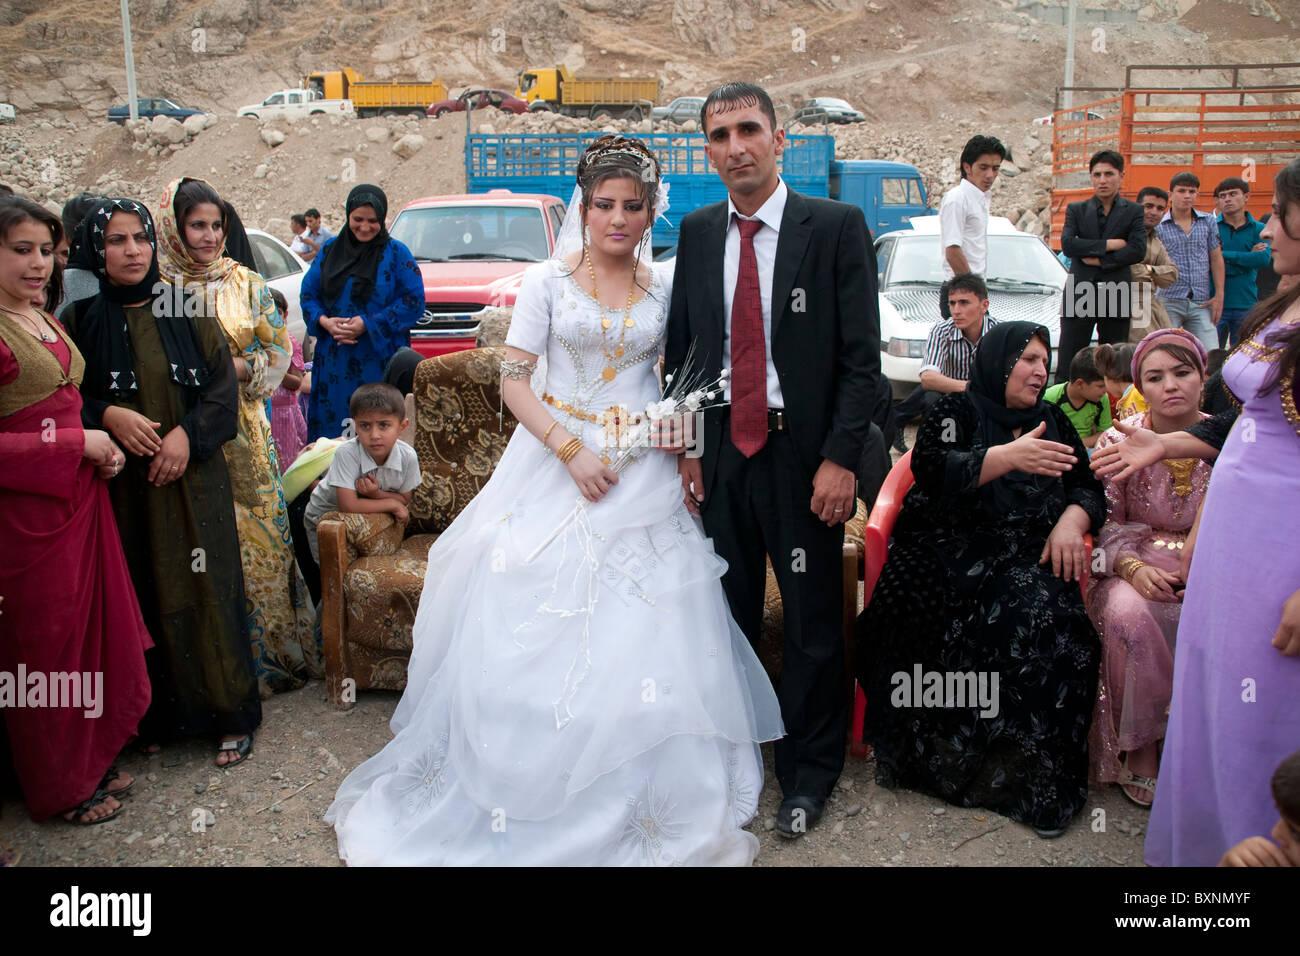 Einem straßenrand kurdische hochzeit in den bergen des nordirak nahe der stadt rowanduz und der iranischen grenze